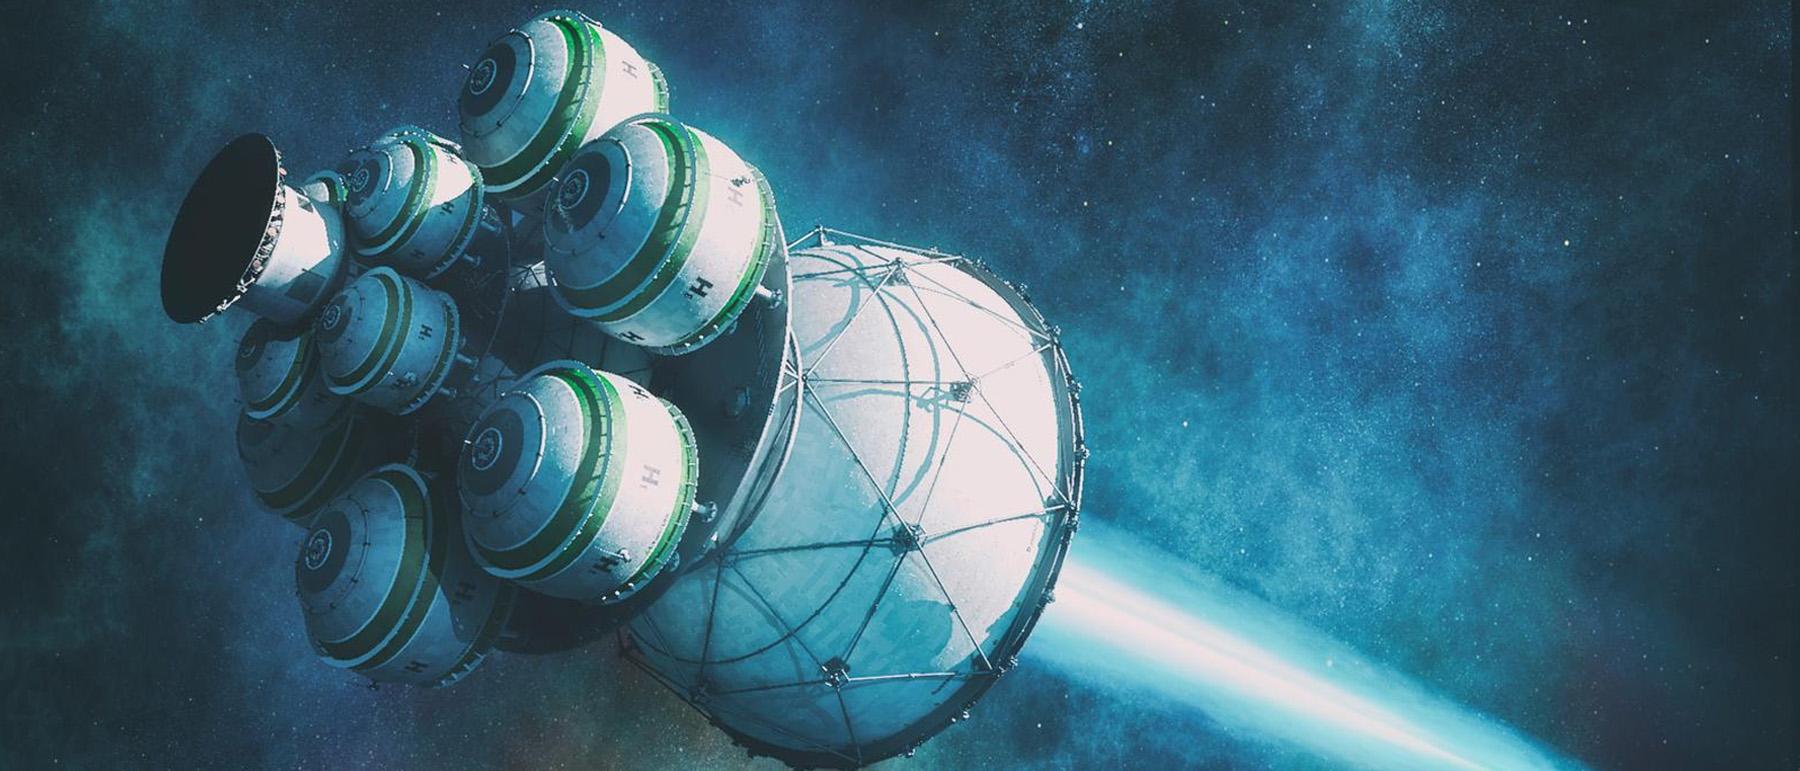 Projekt Daedalus: Wie uns ein Fusions-Raumschiff in ein anderes Sonnensystem bomben sollte